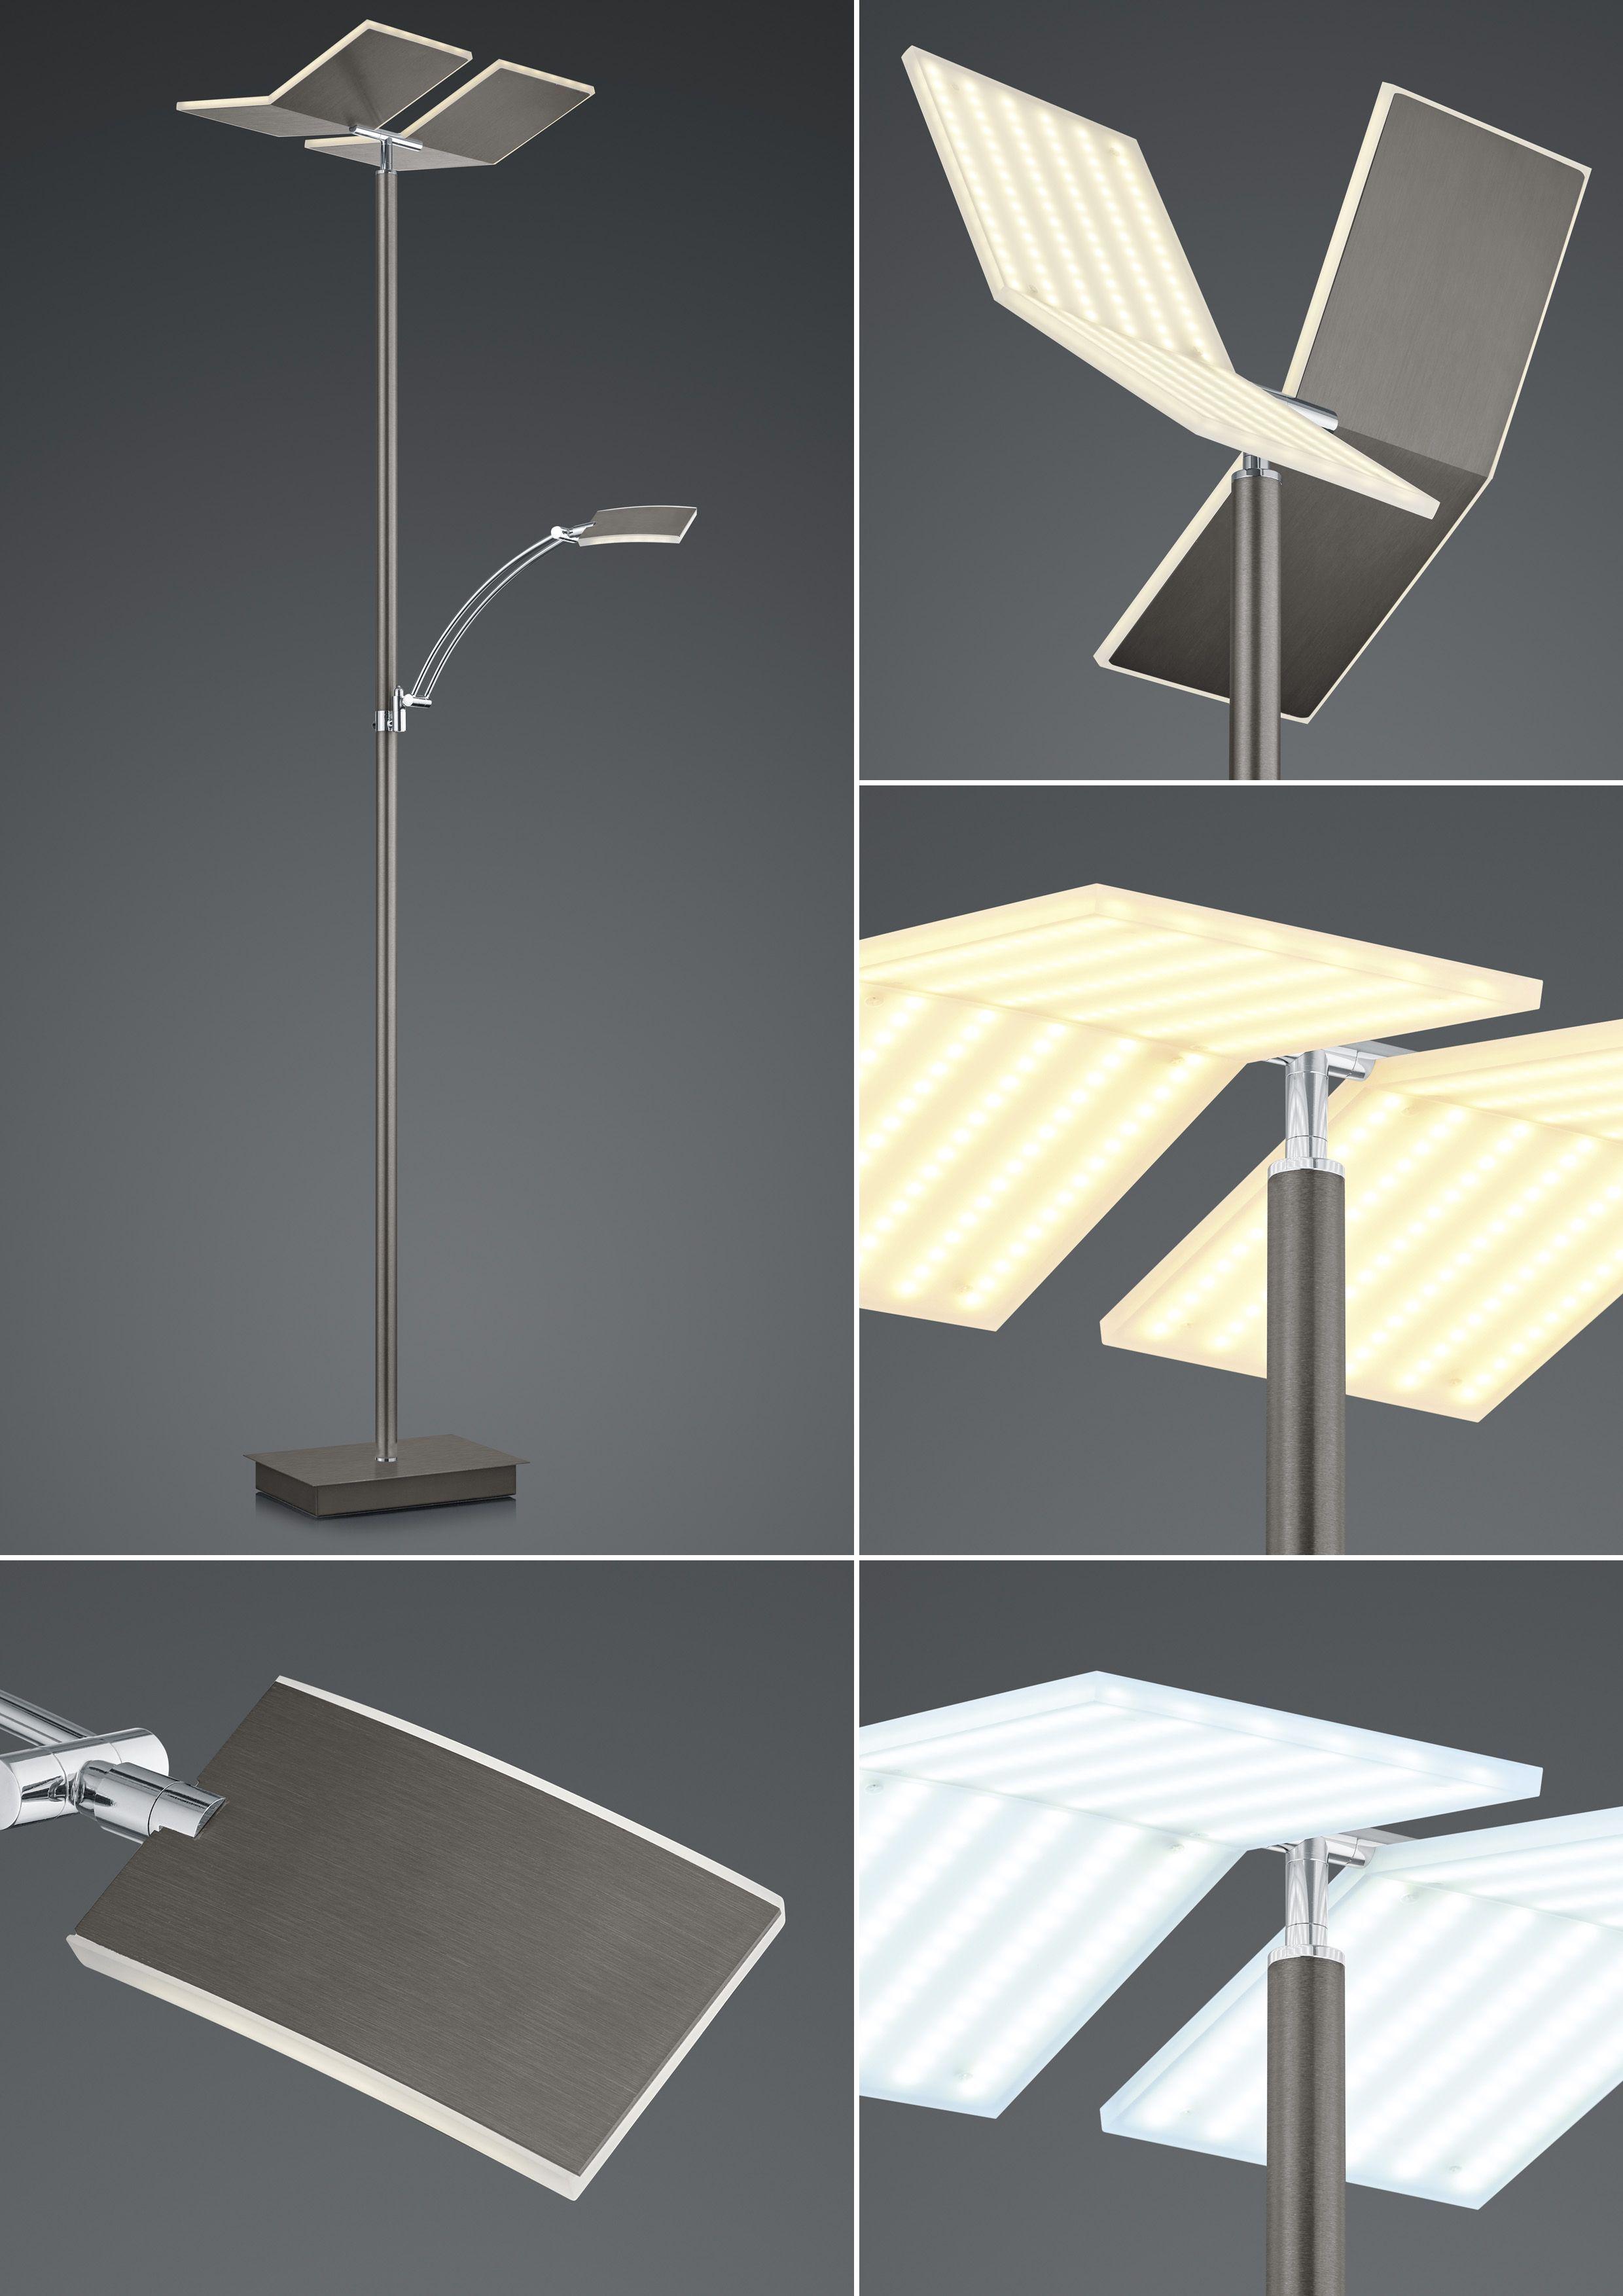 LED-Stehleuchte Domi / CCT Dimmtechnik von B-Leuchten